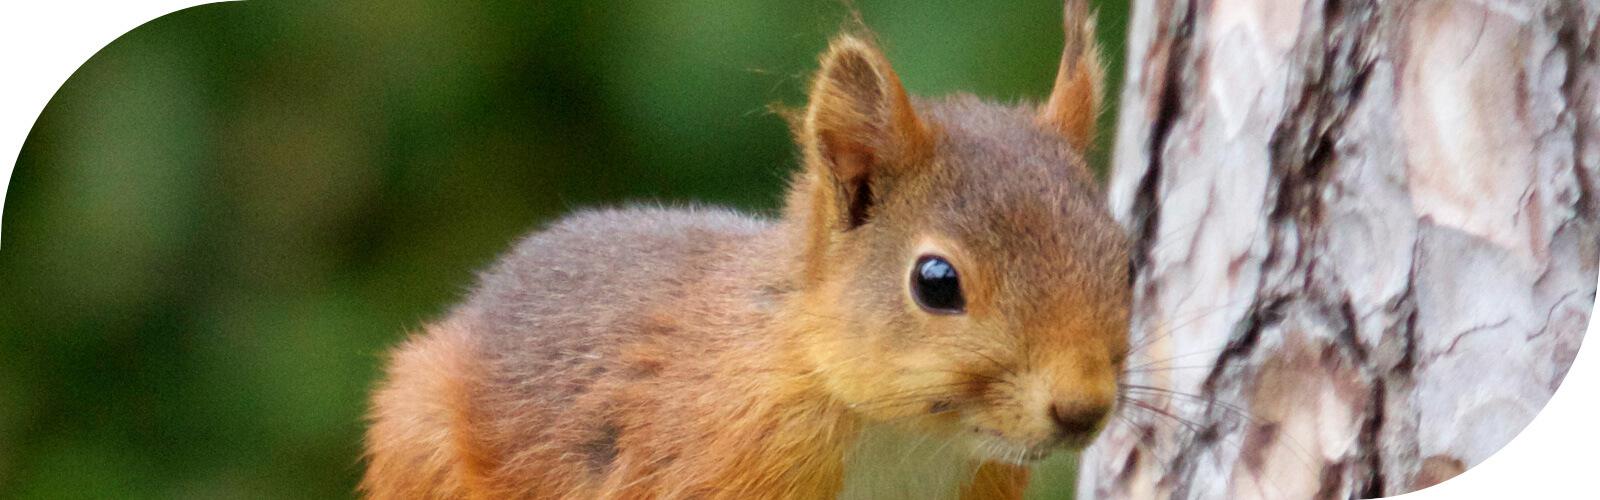 Een Eekhoorn in de tuin, wie wil nu niet zo'n knaagdier met zo'n hoog knuffelgehalte...